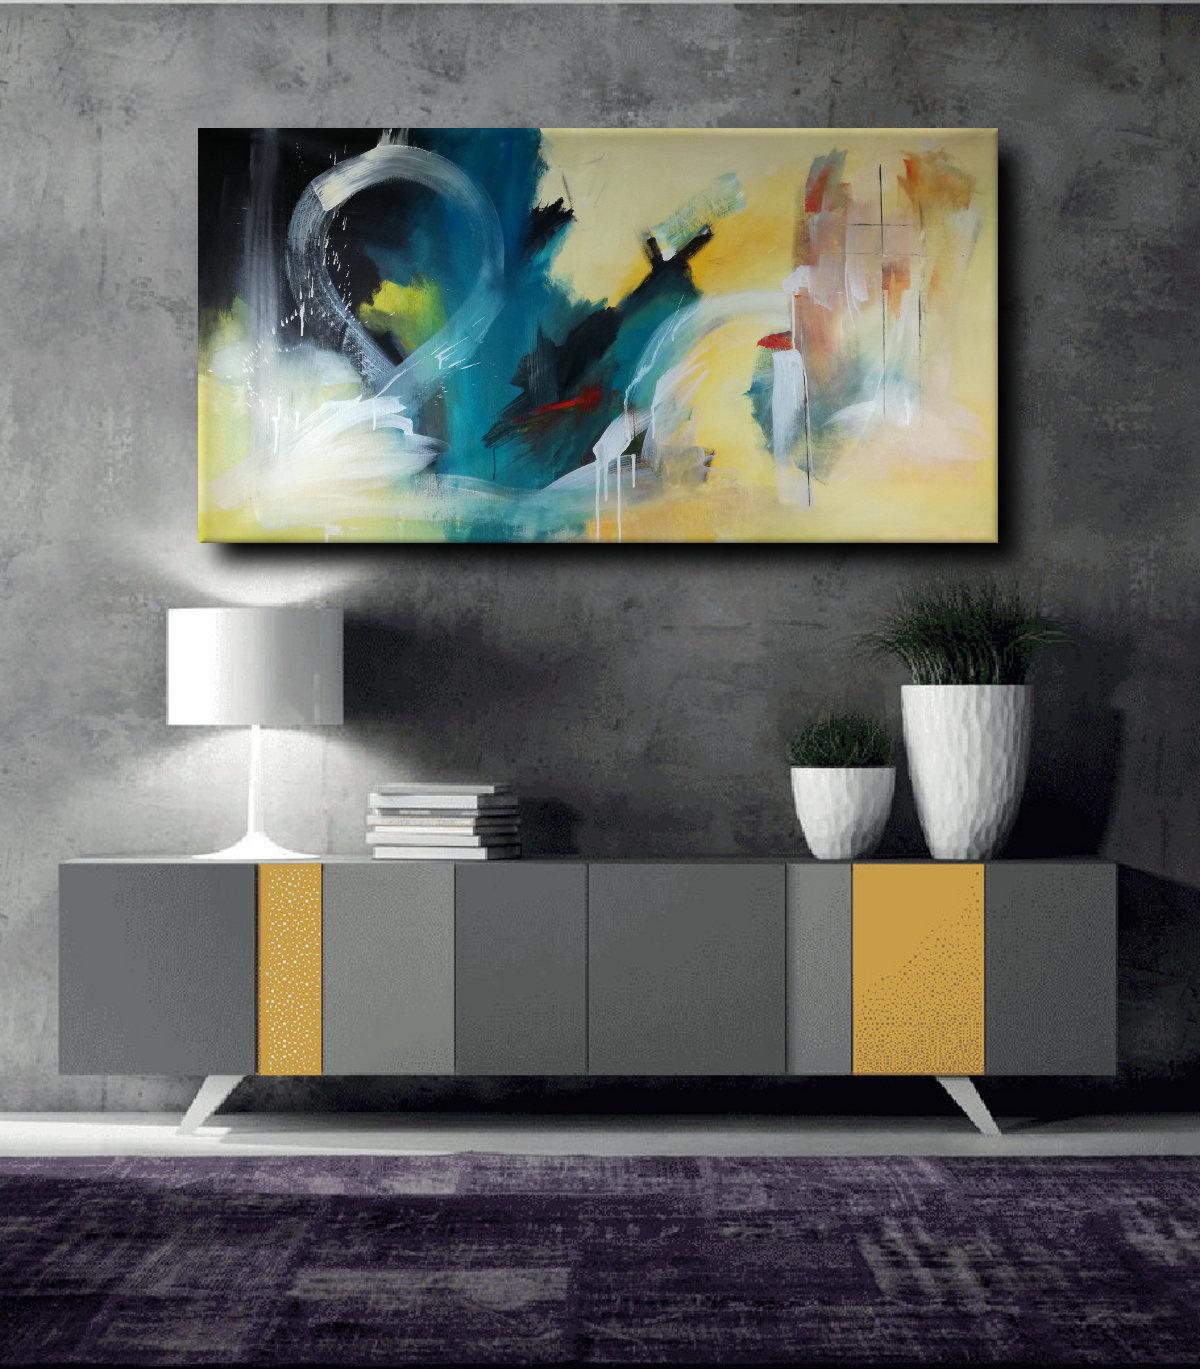 Dipinti grandi dimensioni astratti 120x60 sauro bos for Quadri su tela astratti